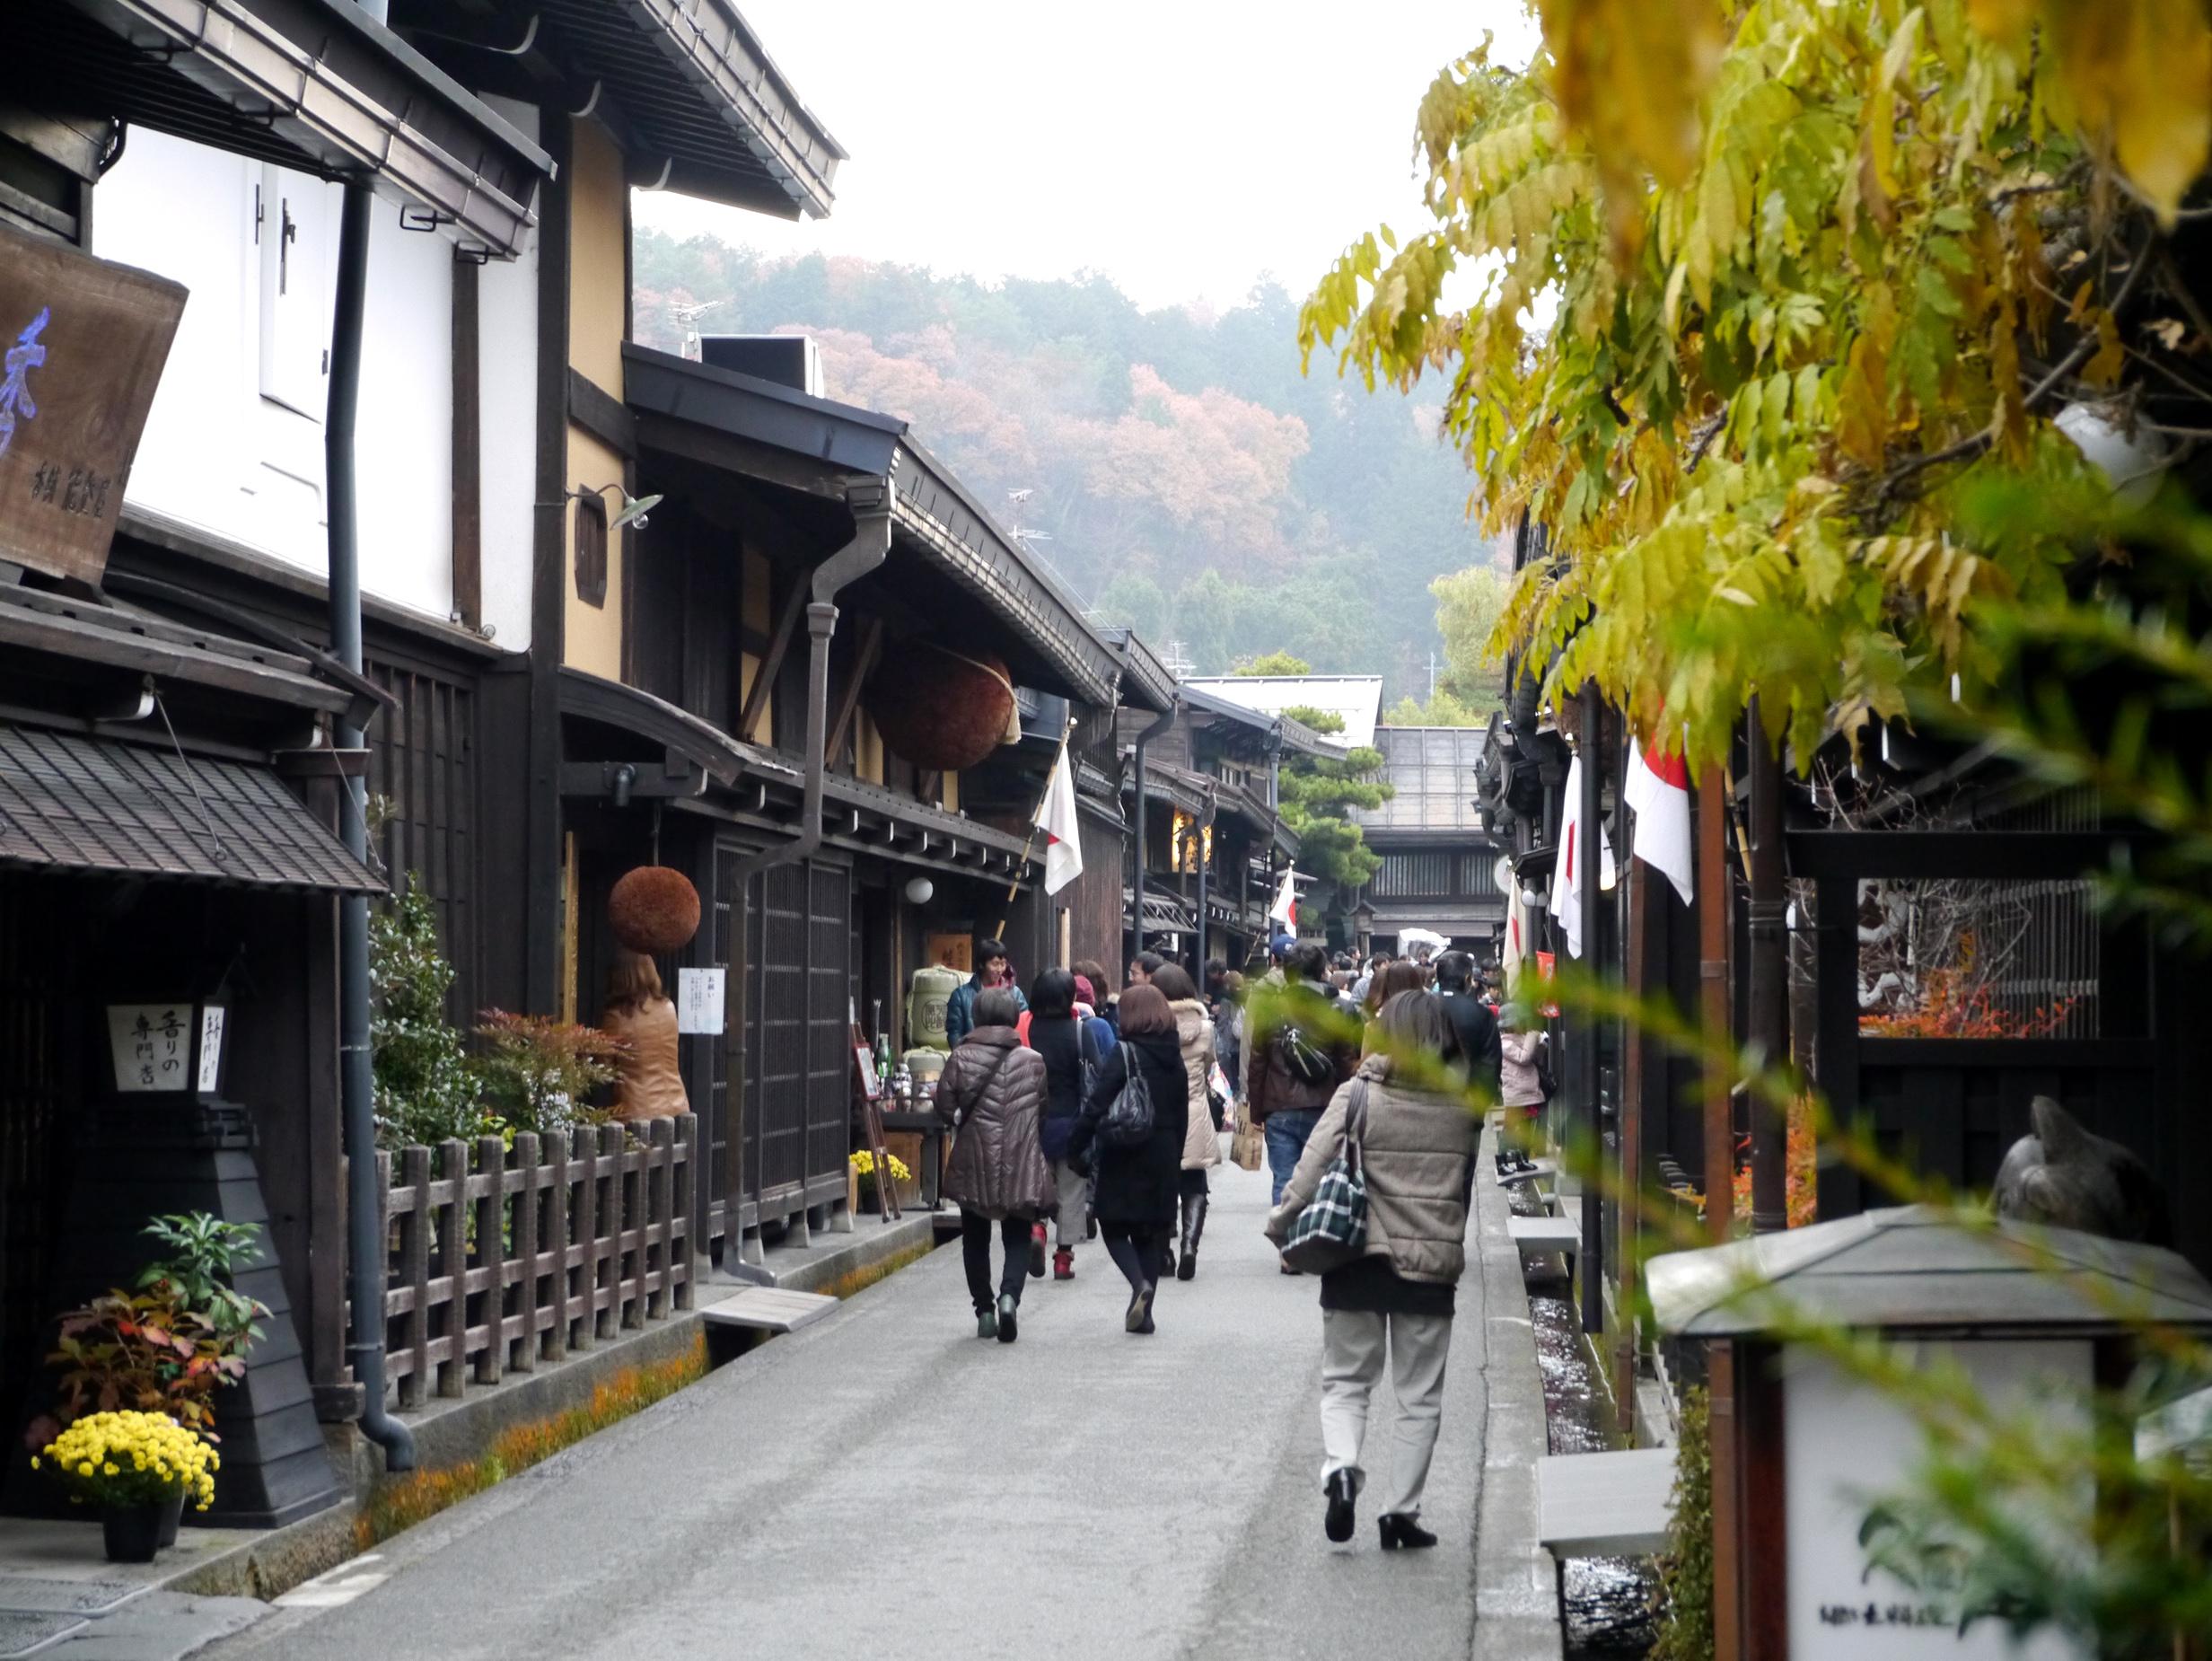 飛騨高山至東京+富士山五合目一日遊(單程巴士游:經松本城、諏訪湖、河口湖)